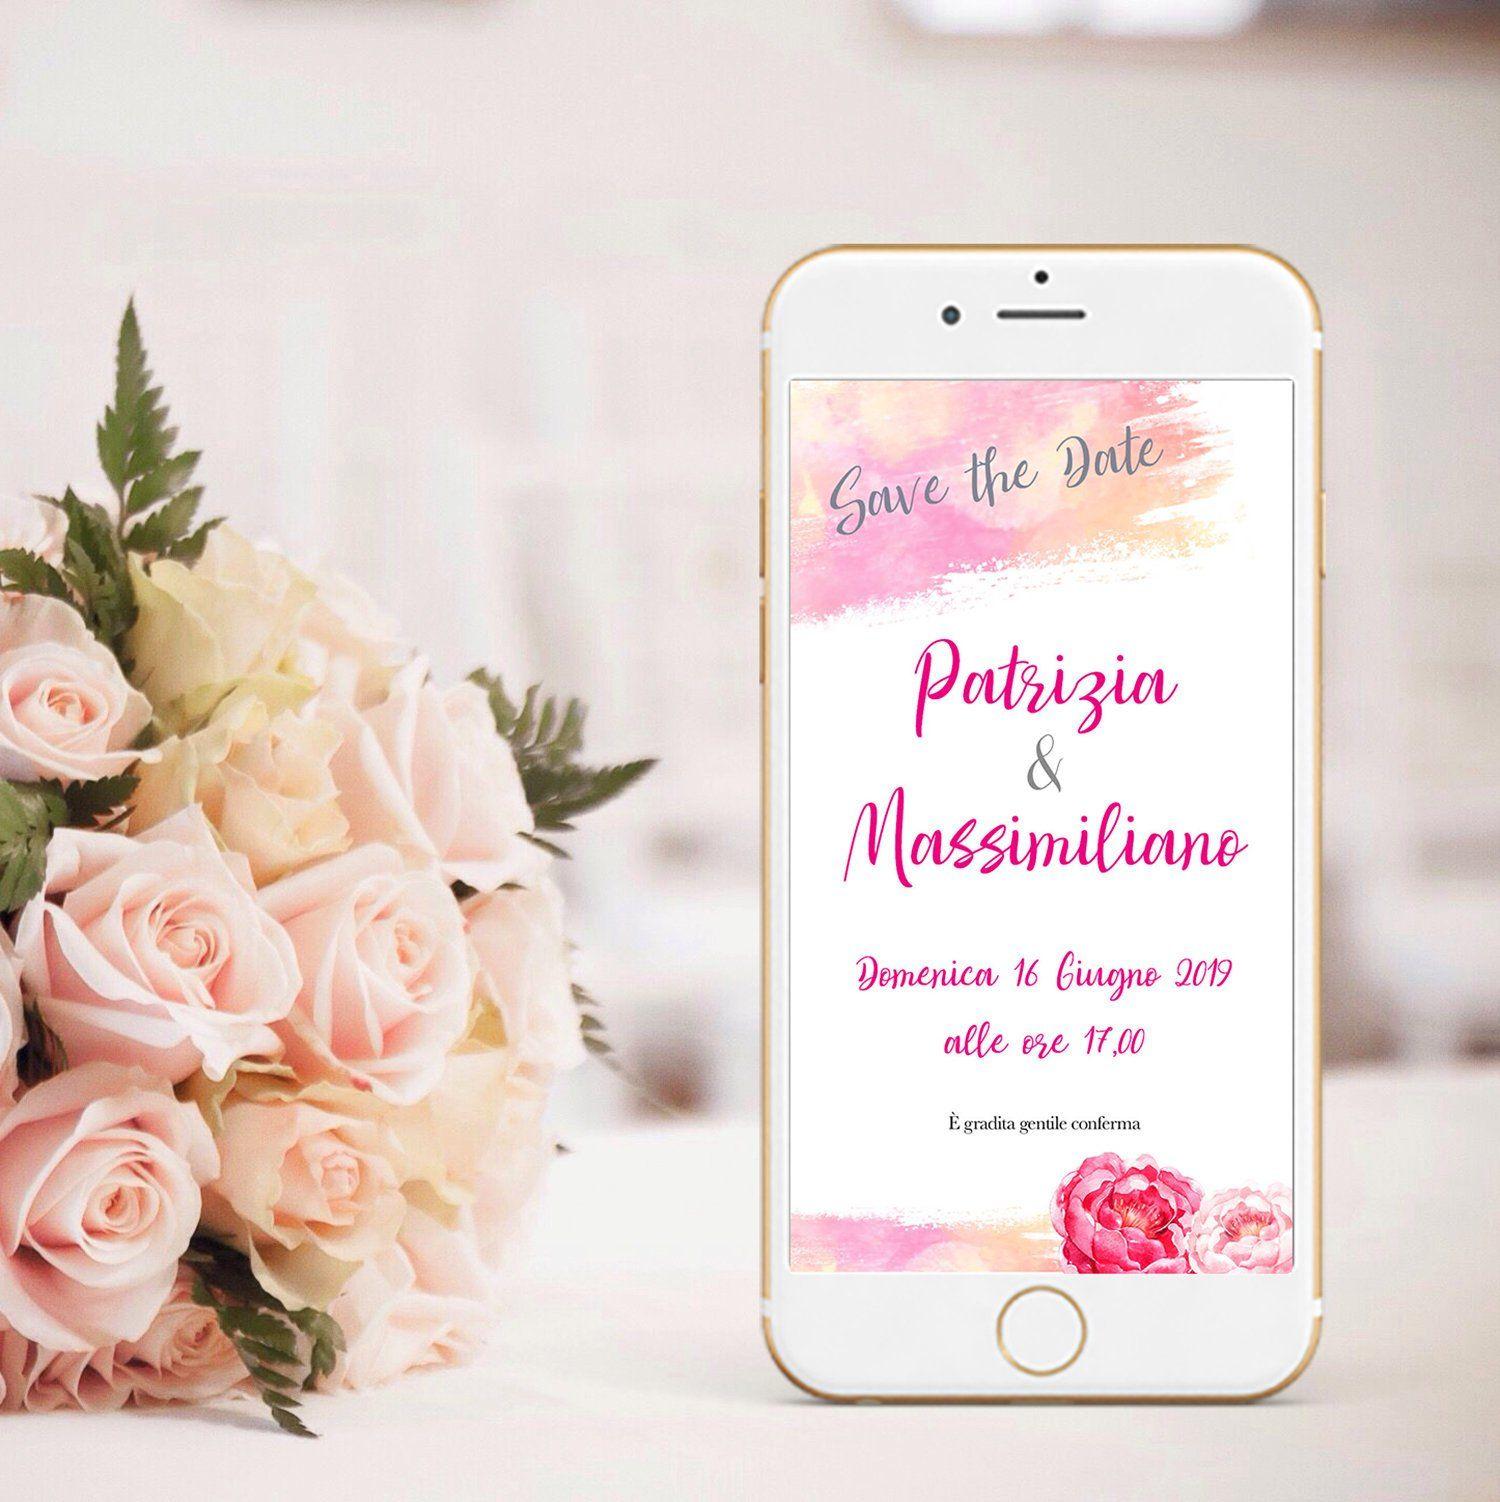 Partecipazioni Matrimonio Per Amici.Save The Date Matrimonio Invito Digitale Matrimonio Invito